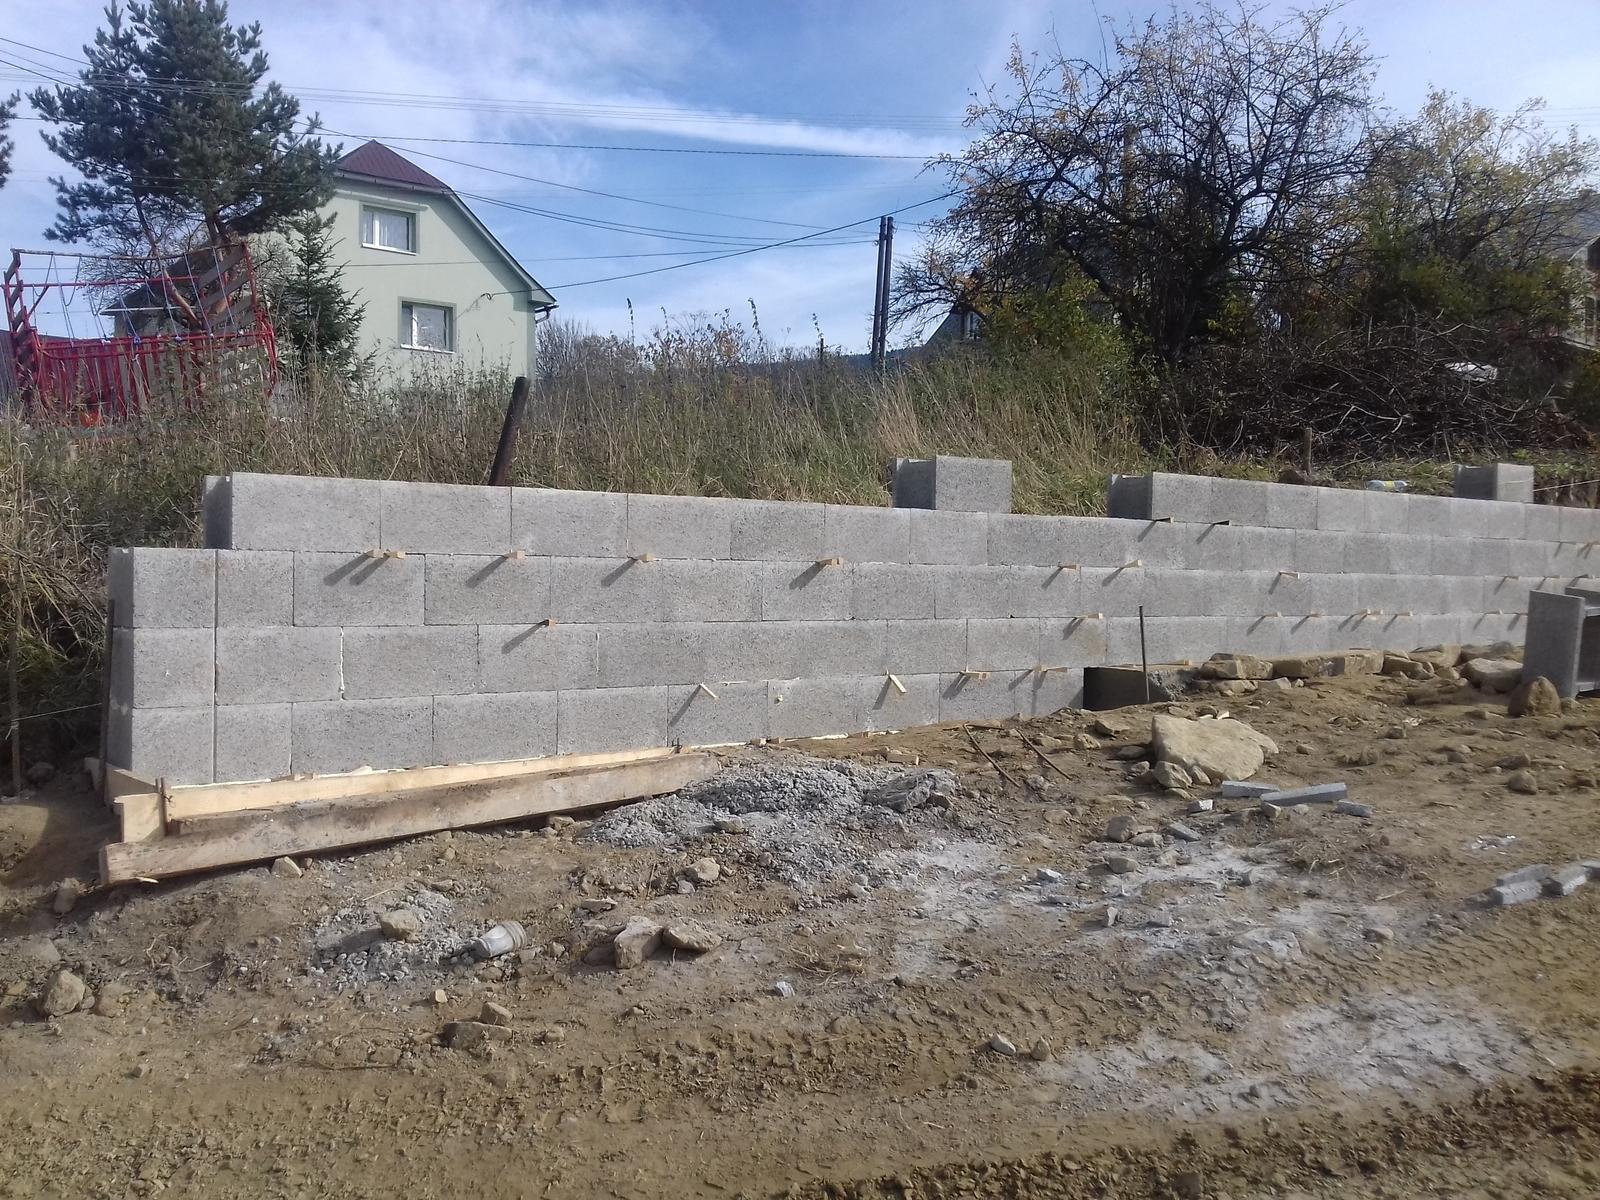 Najprv oporny mur a potom dom... - a tu sa uz rysuje oporak